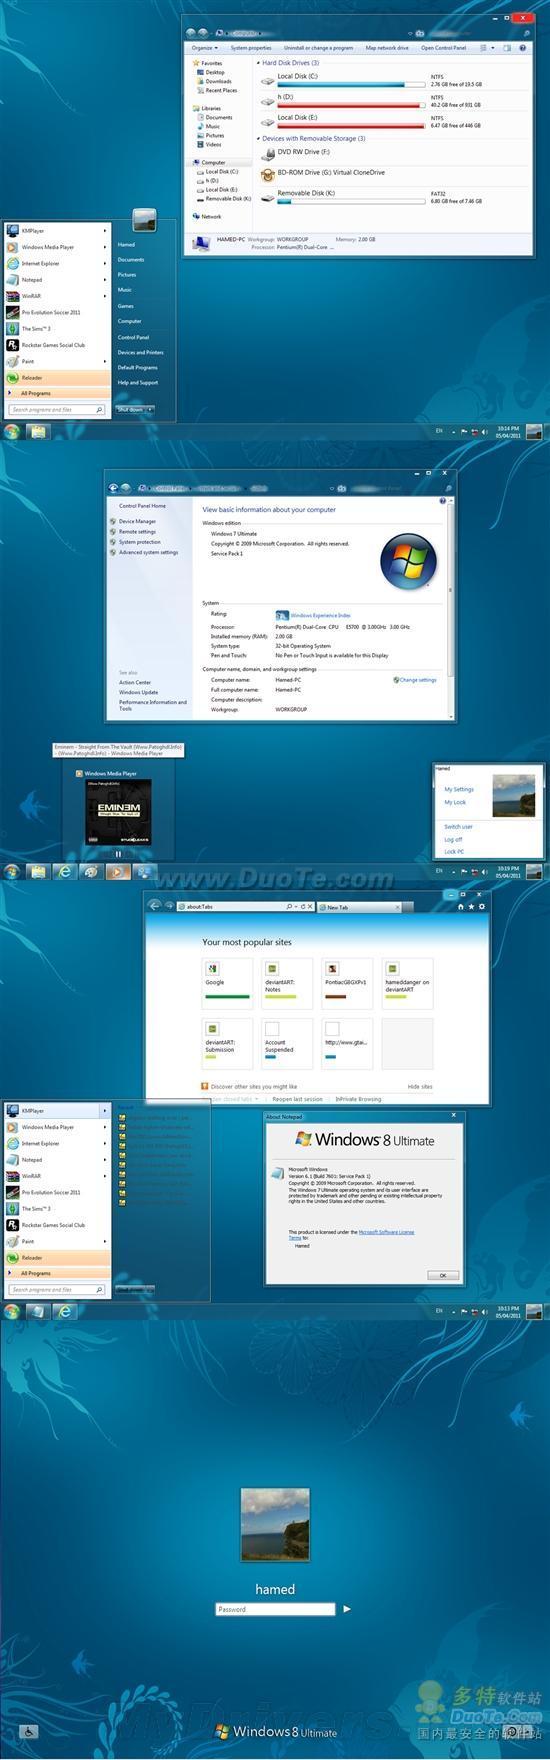 将Windows7 SP1装扮成Windows8